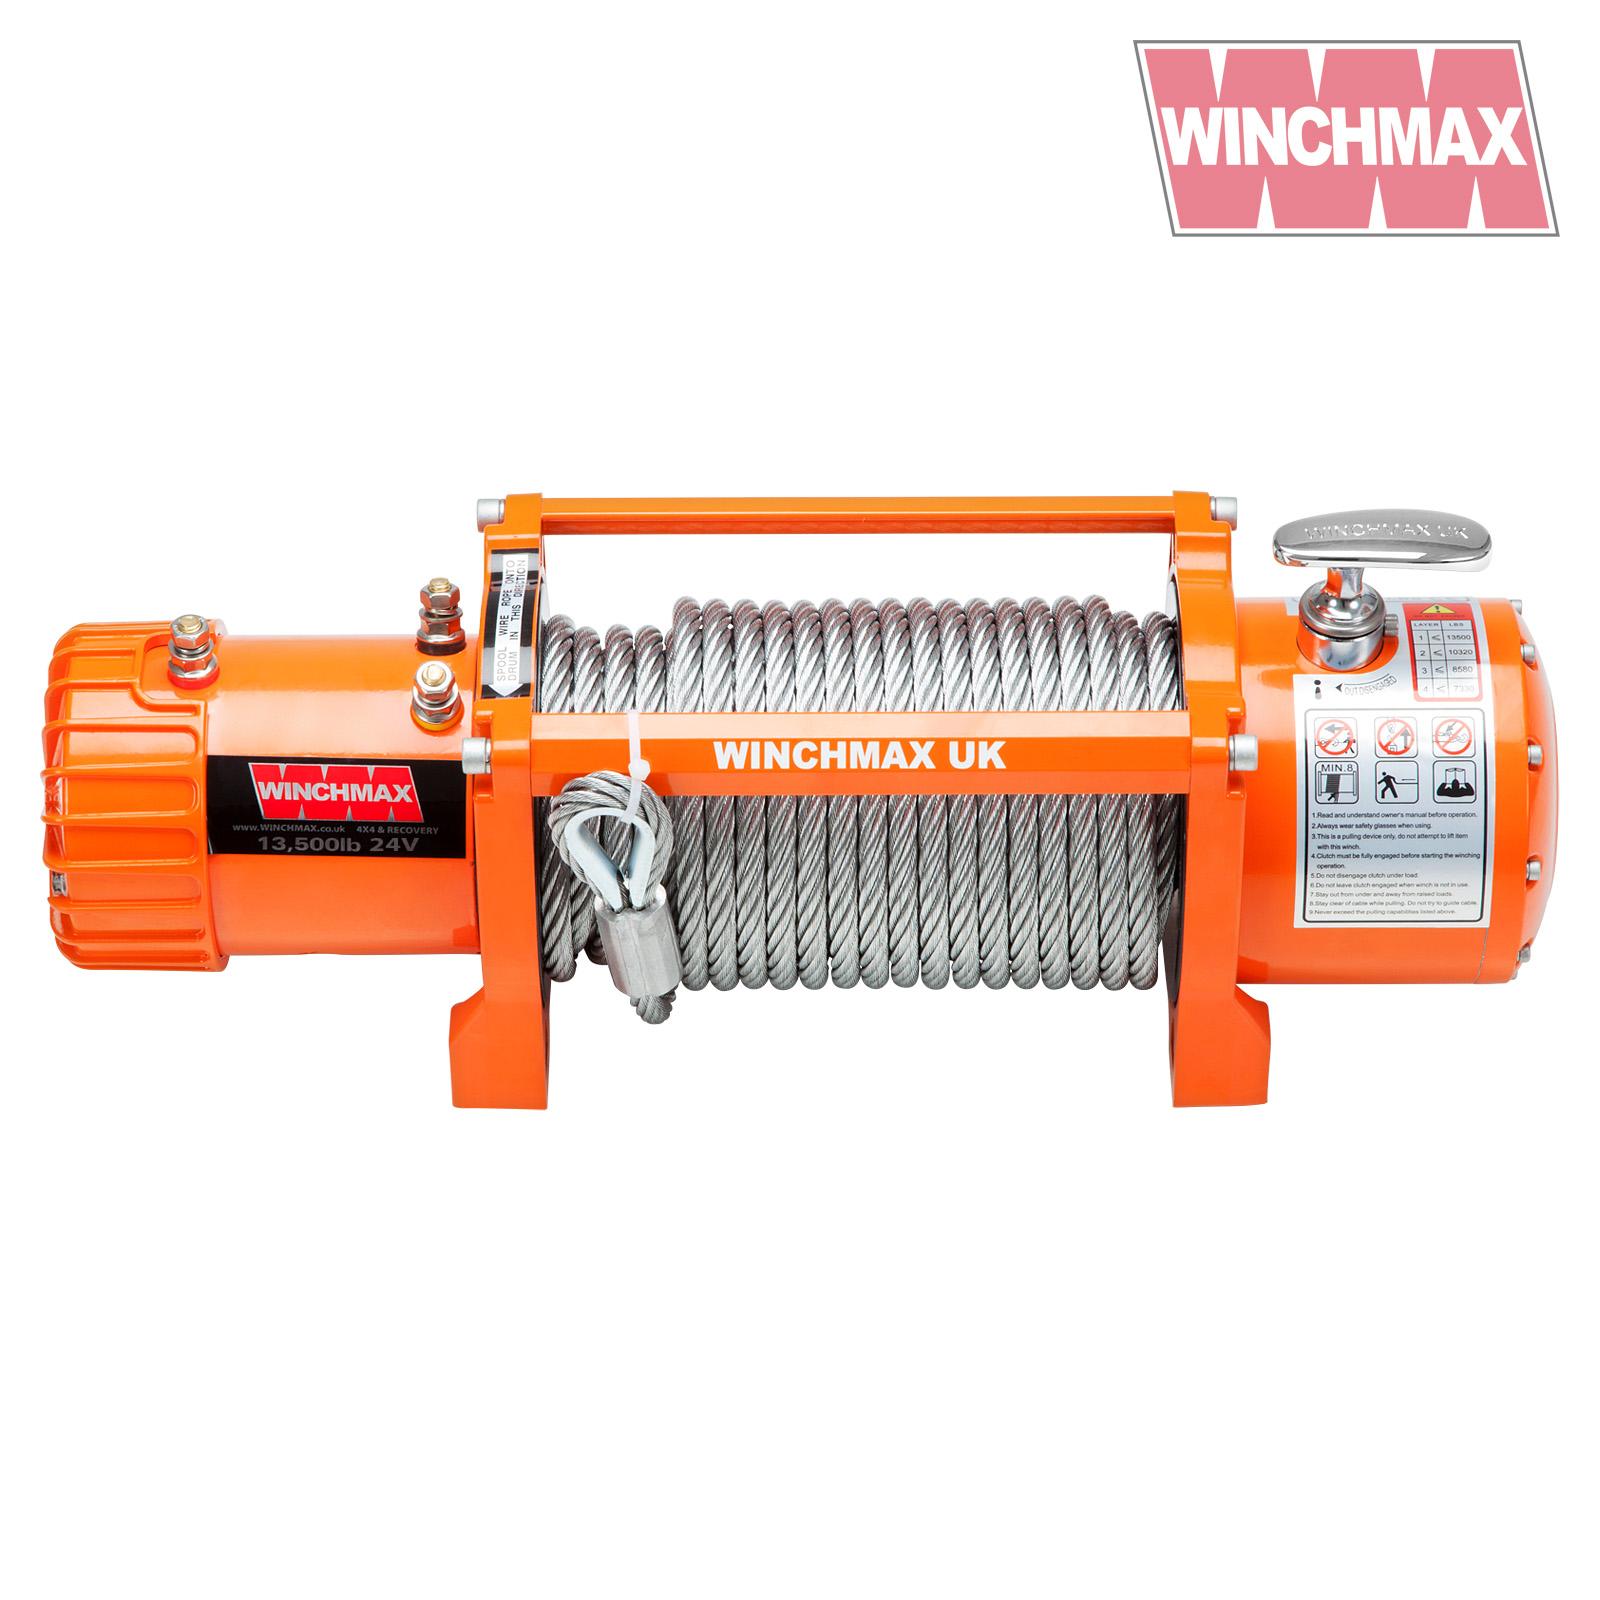 Wm1350024vr winchmax 11